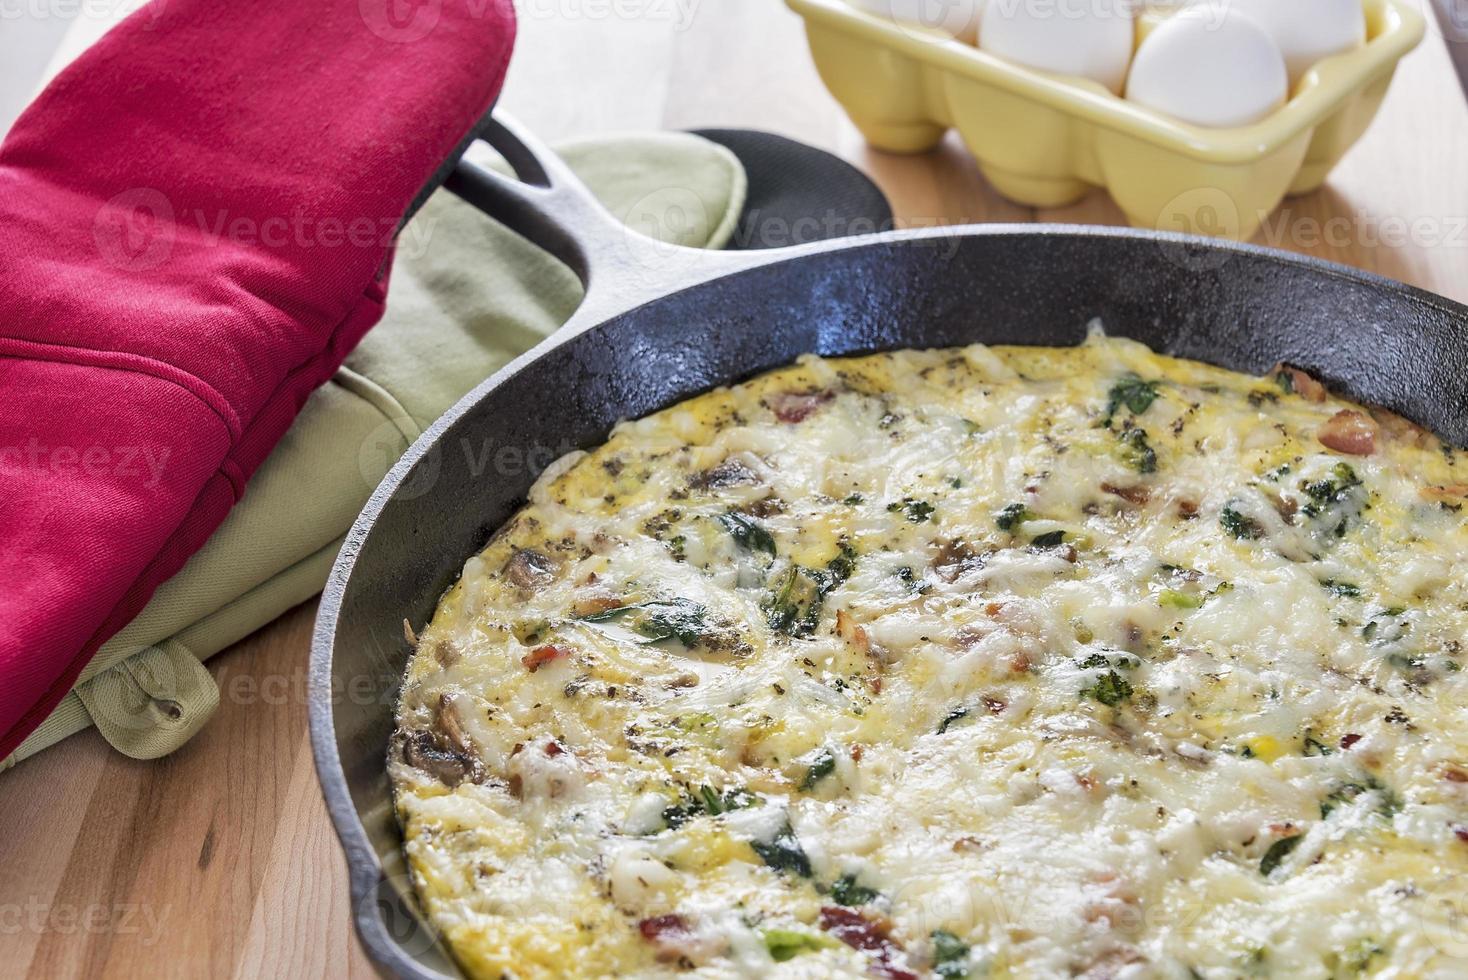 frittata gjord med bacon, broccoli, spenat och svamp foto